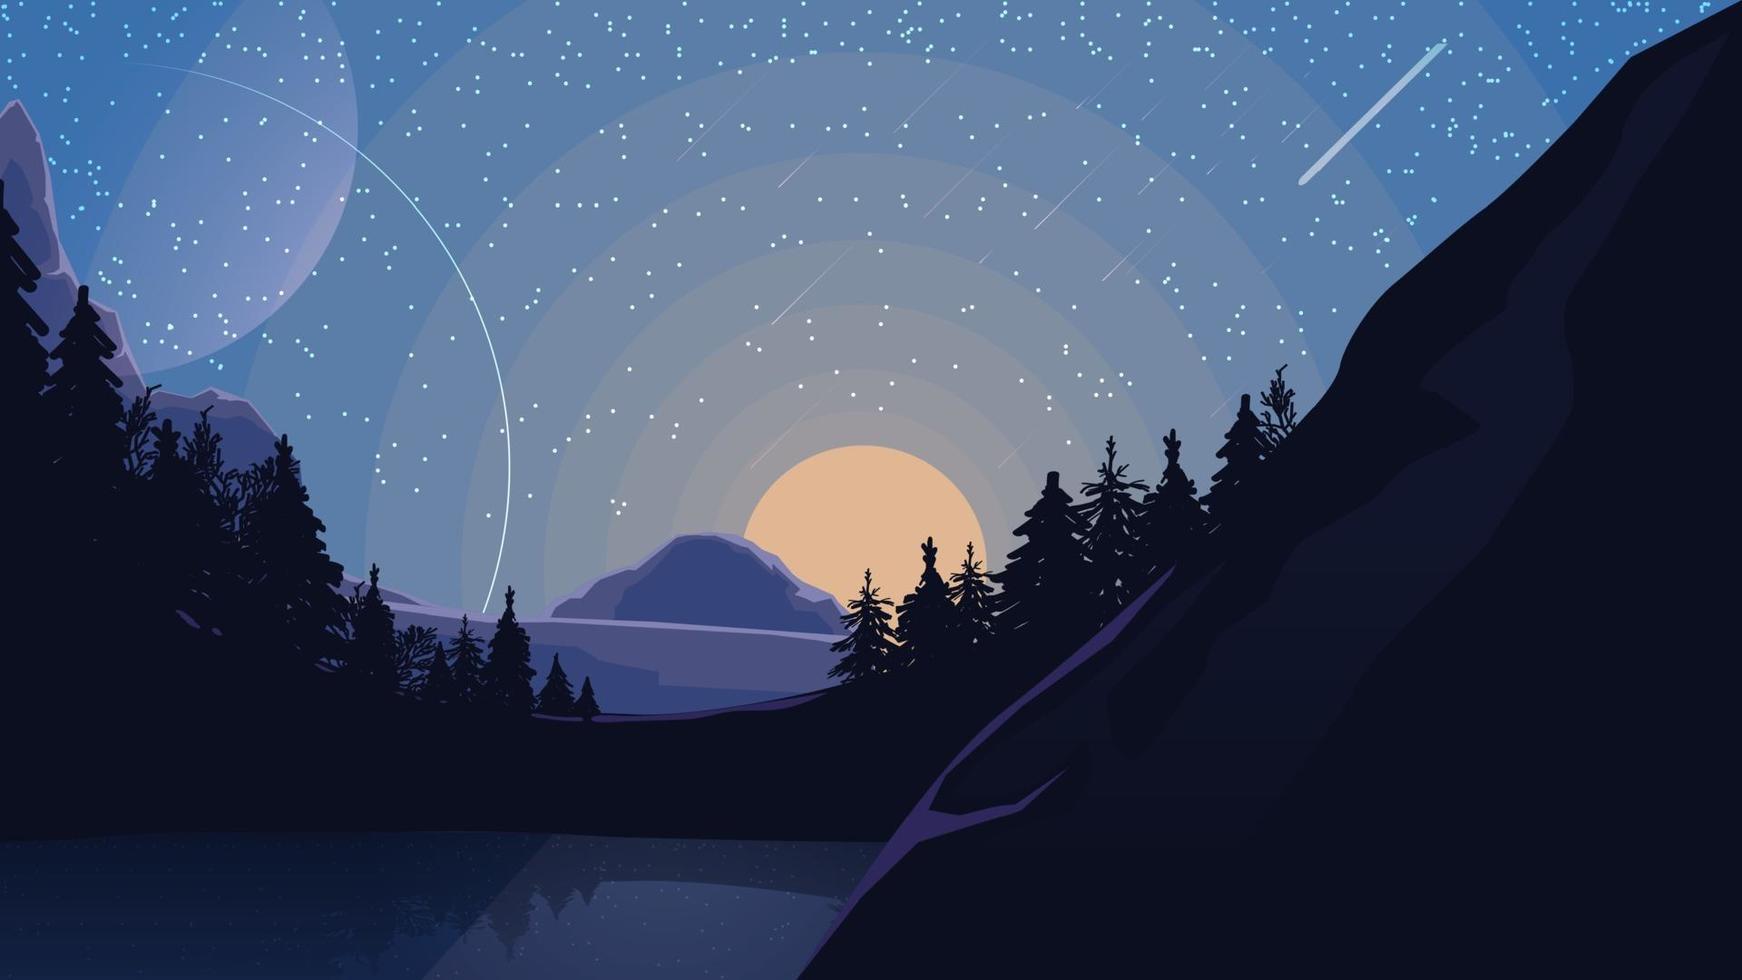 paesaggio con cielo stellato, pianeti, pineta e lago di montagna. illustrazione vettoriale